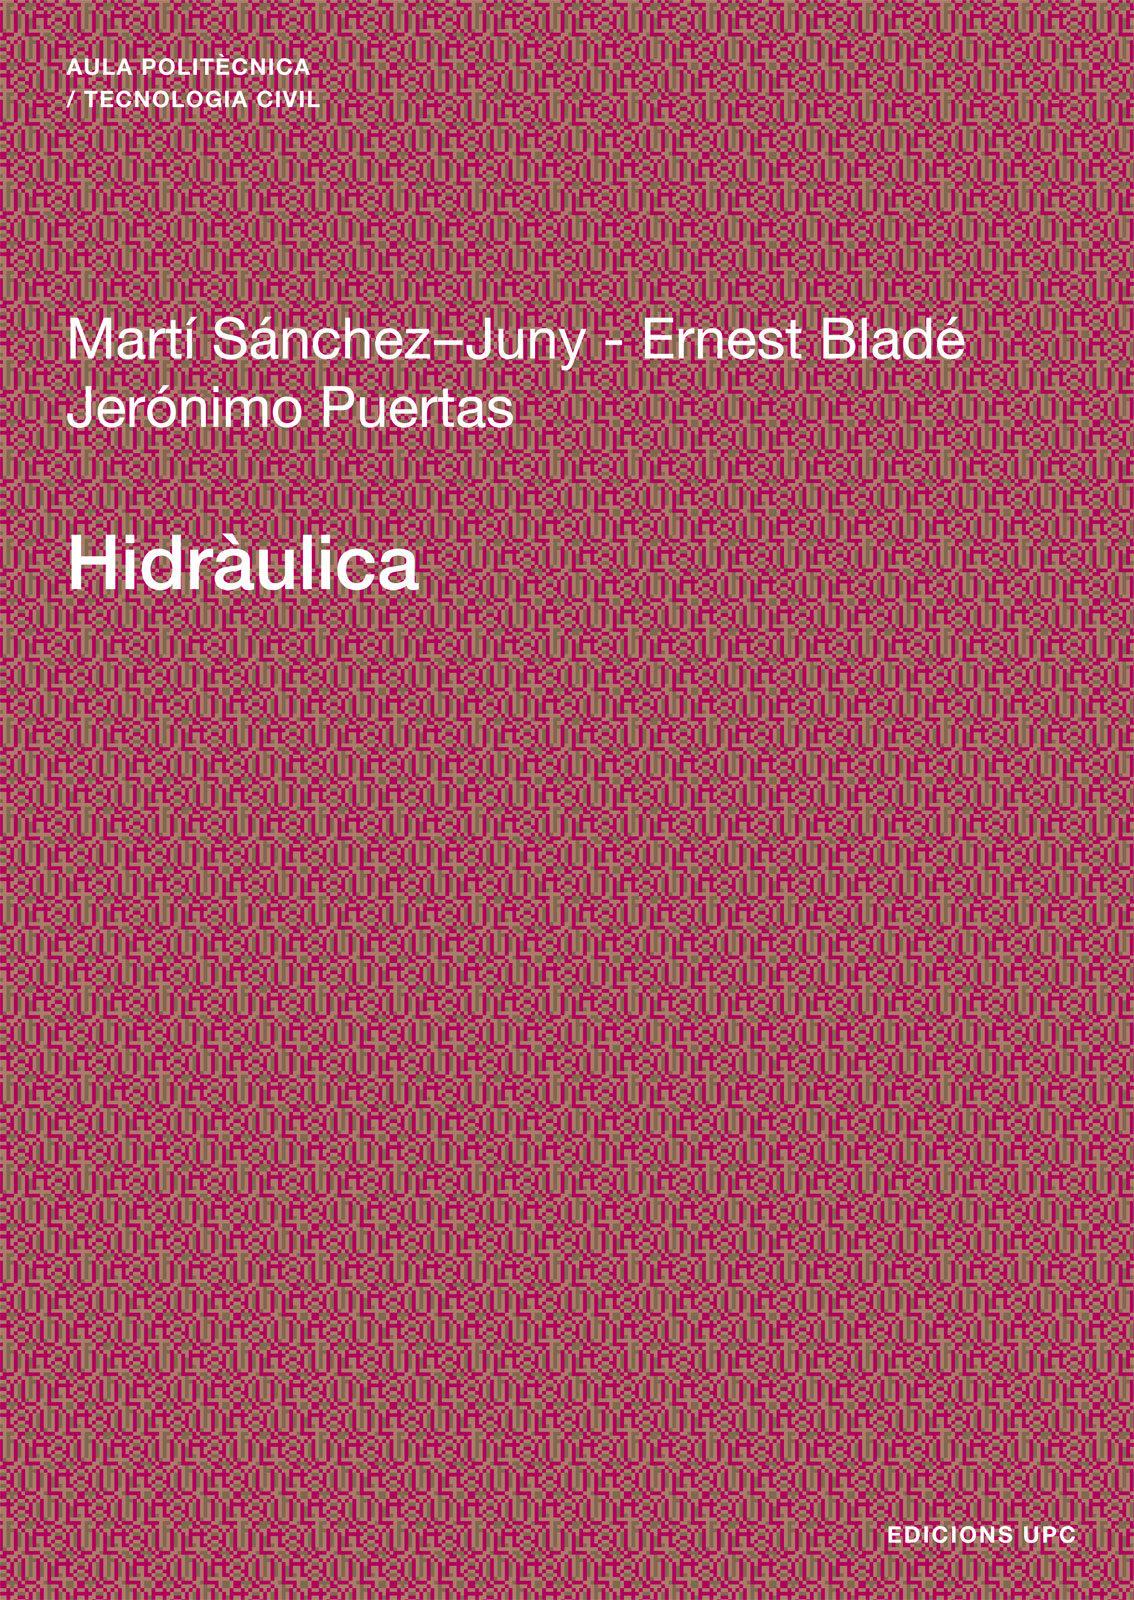 Hidraulica por Marti Sanchez-juny;                                                                                                                                                                                                          Ernest Blade;               epub